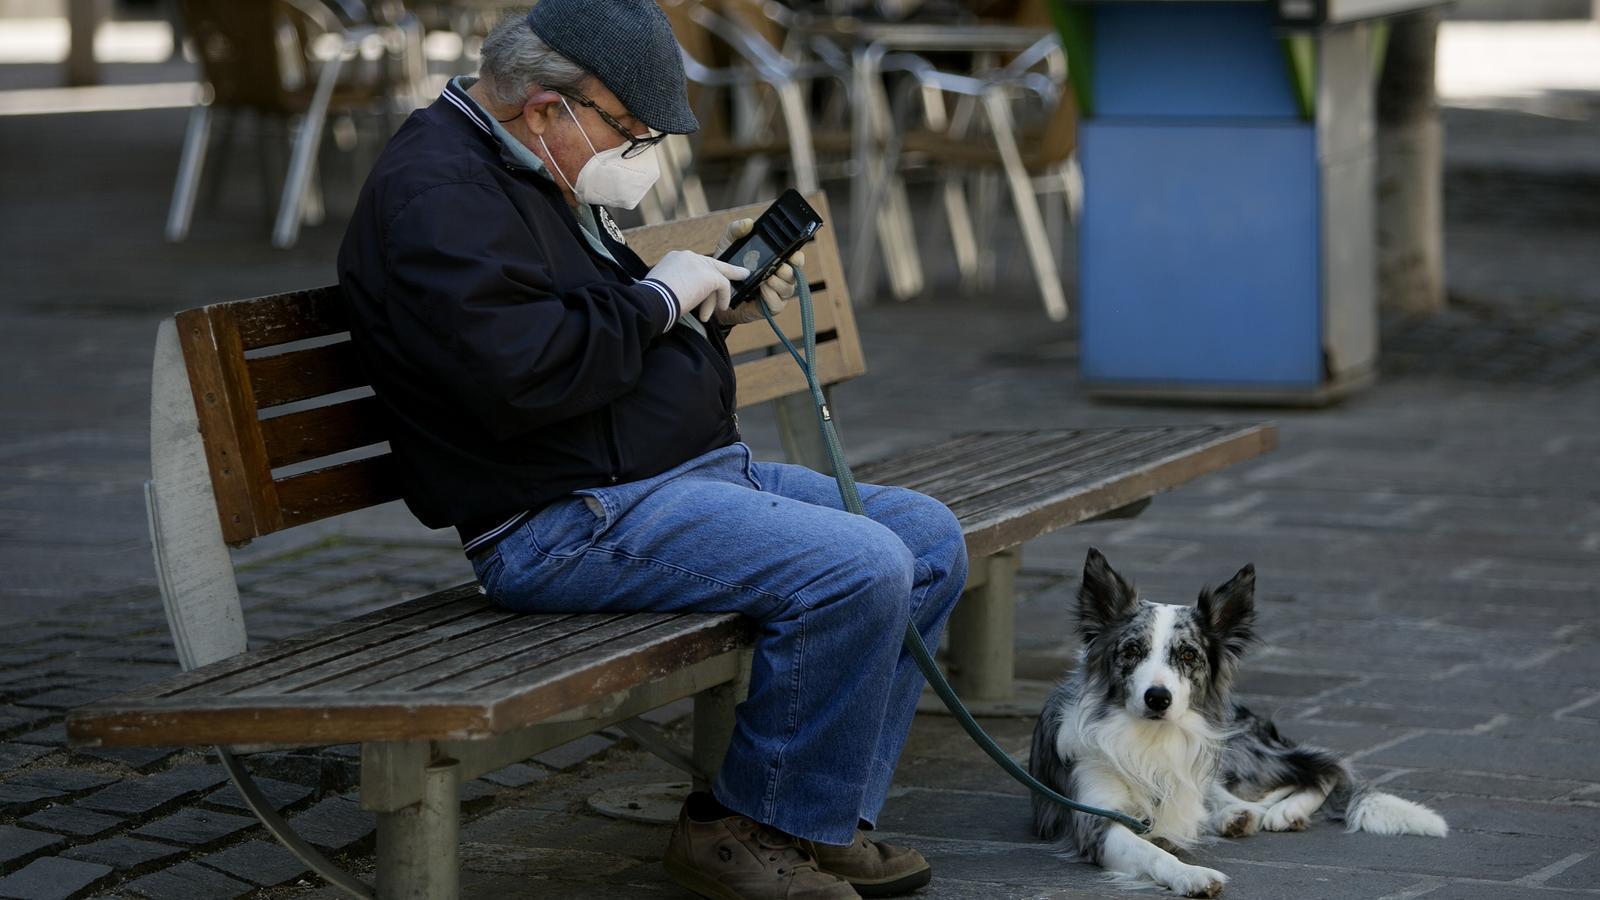 Un home consultant el seu mòbil, assegut en una plaça de Barcelona